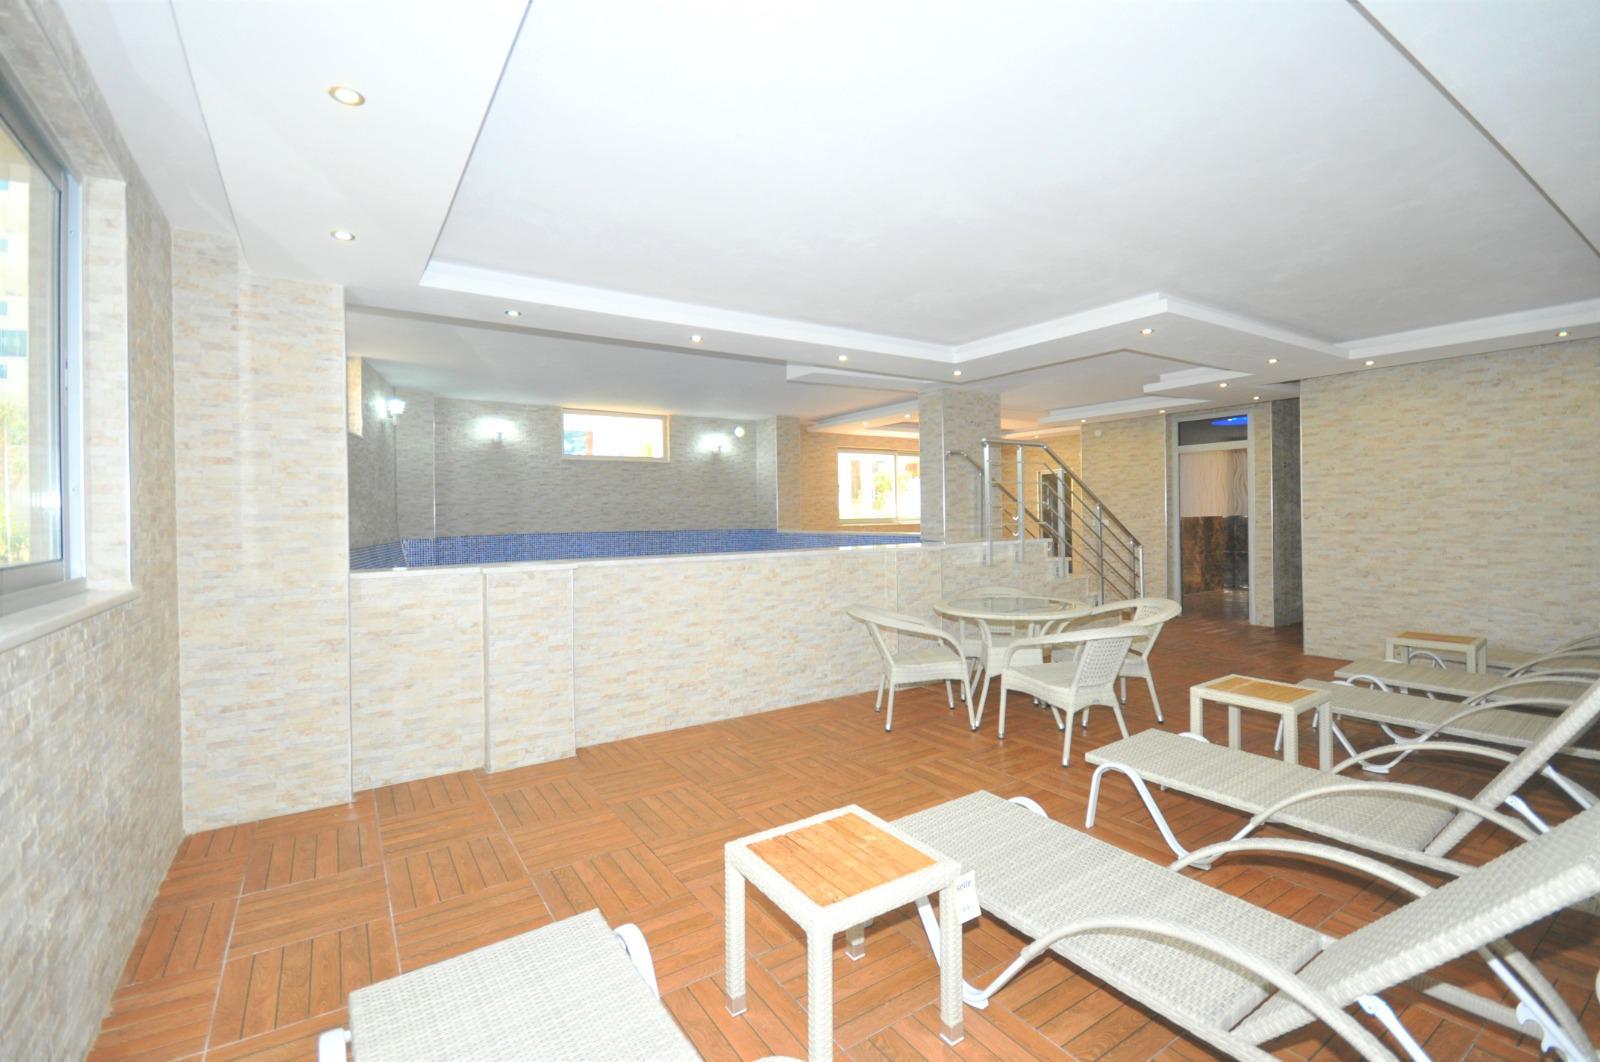 Квартира 1+1 в жилом комплексе района Махмутлар - Фото 5